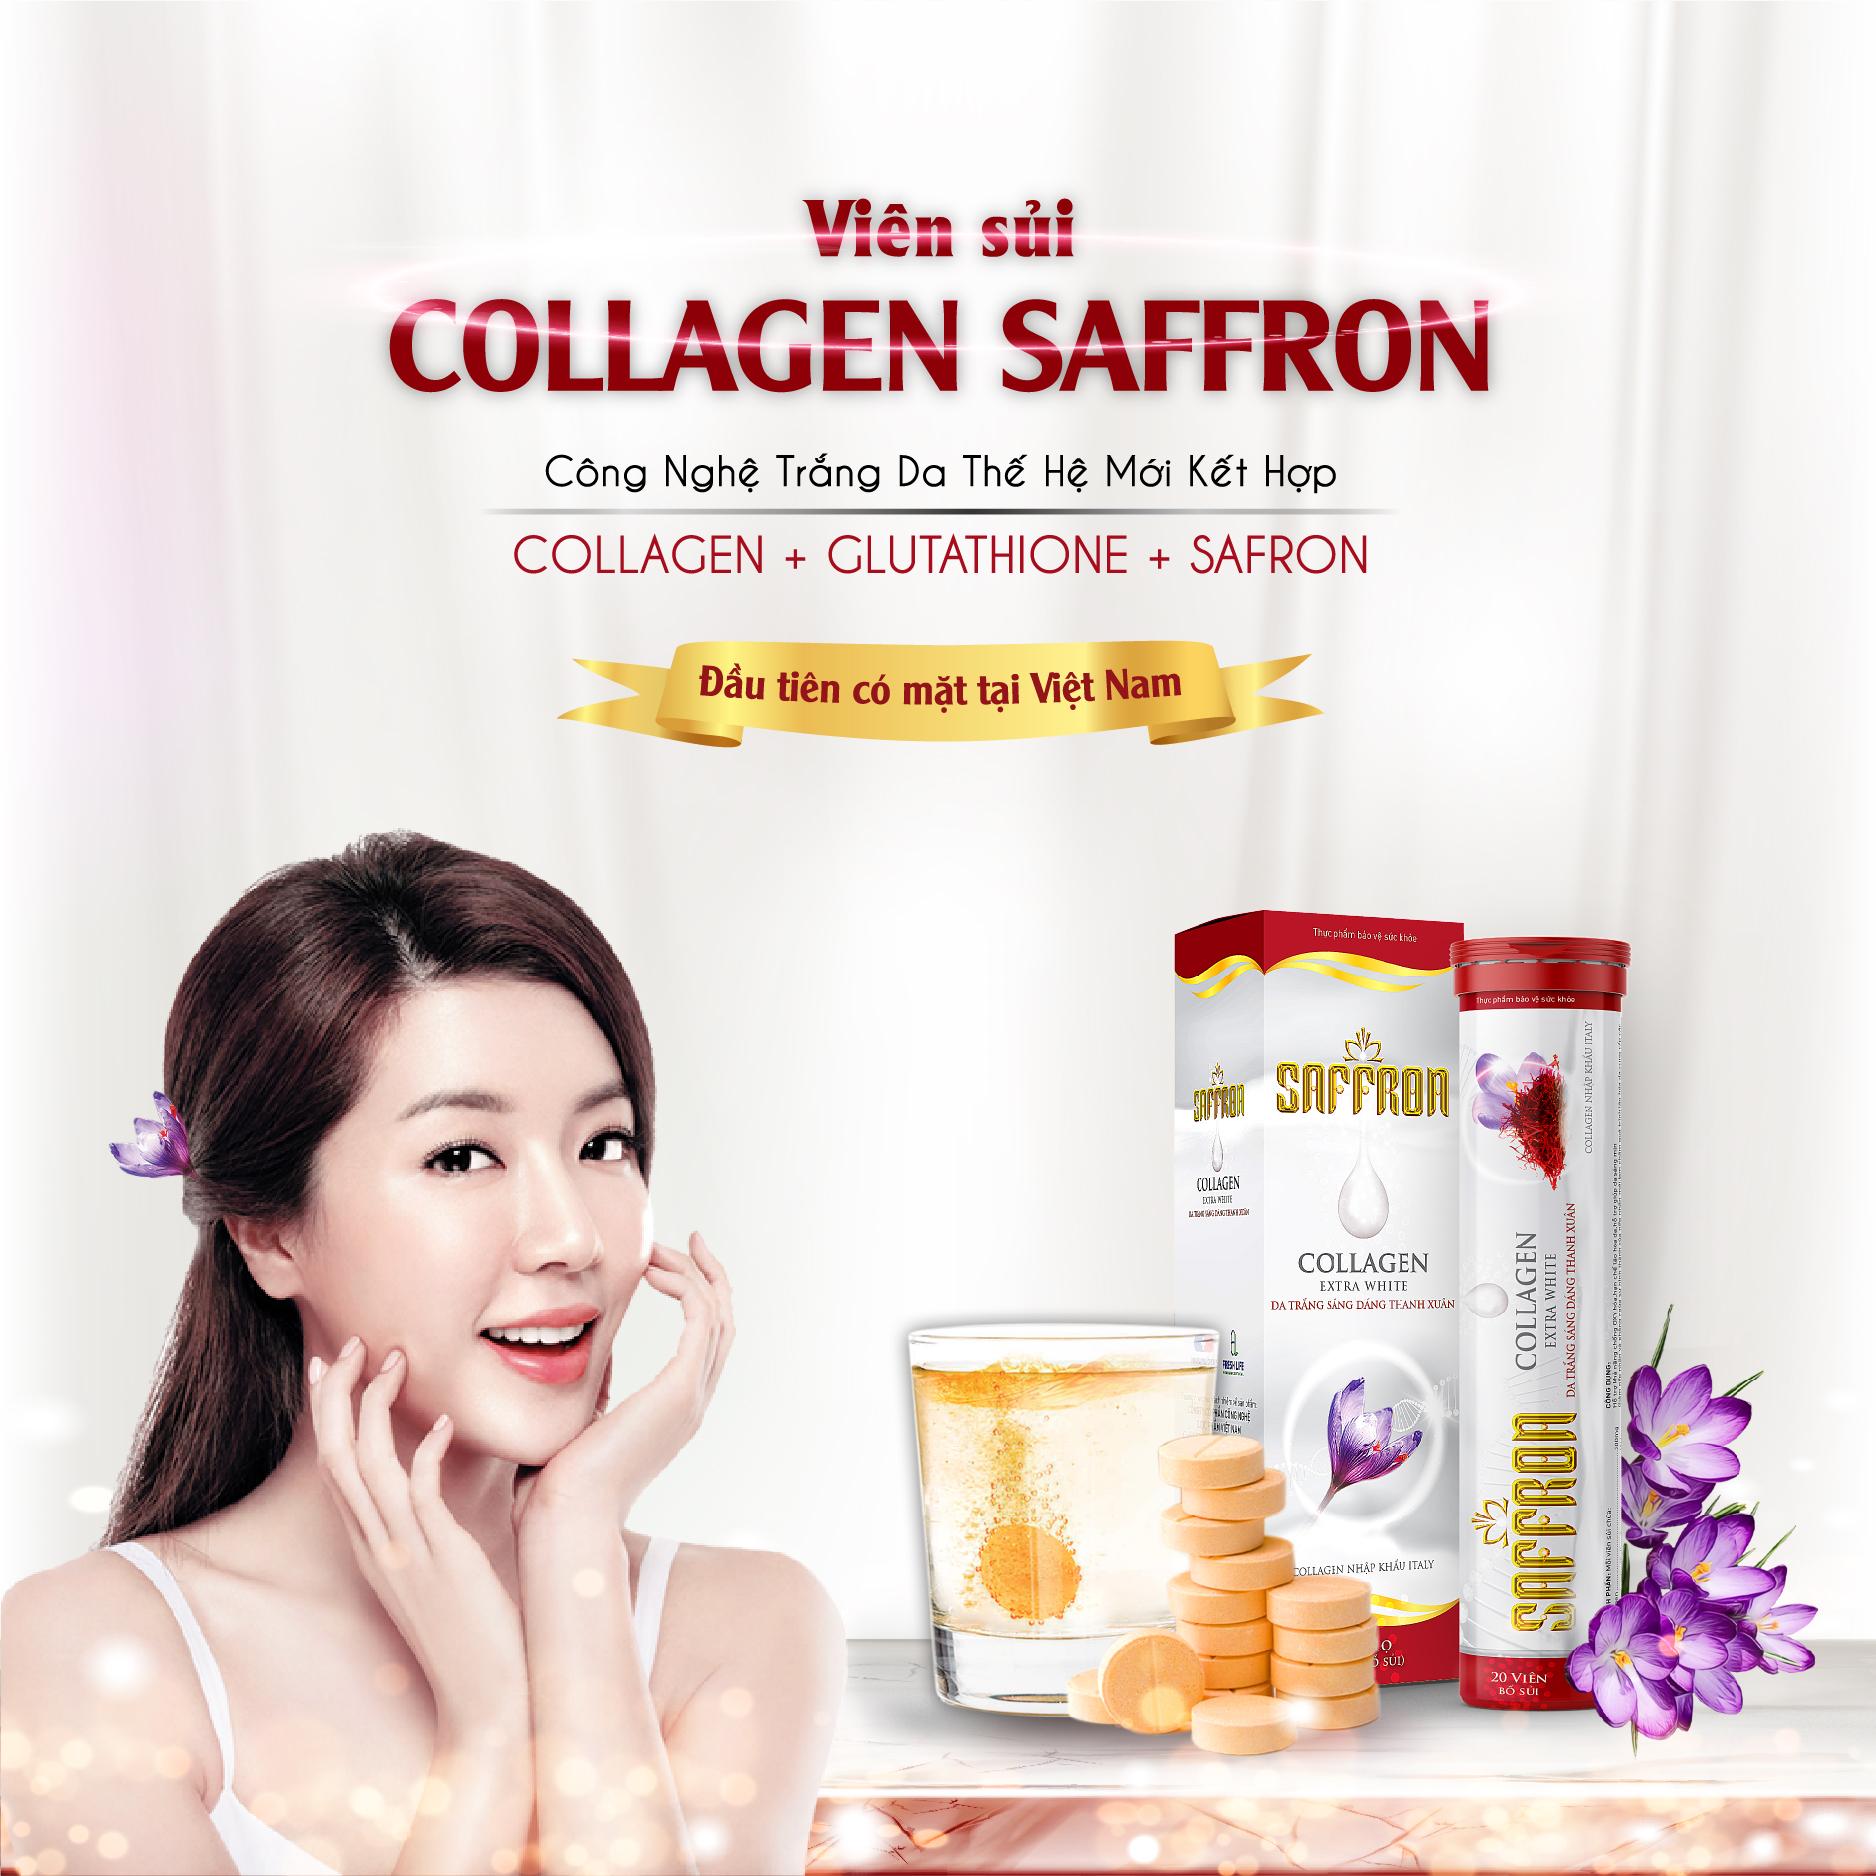 saffron collagen extra white